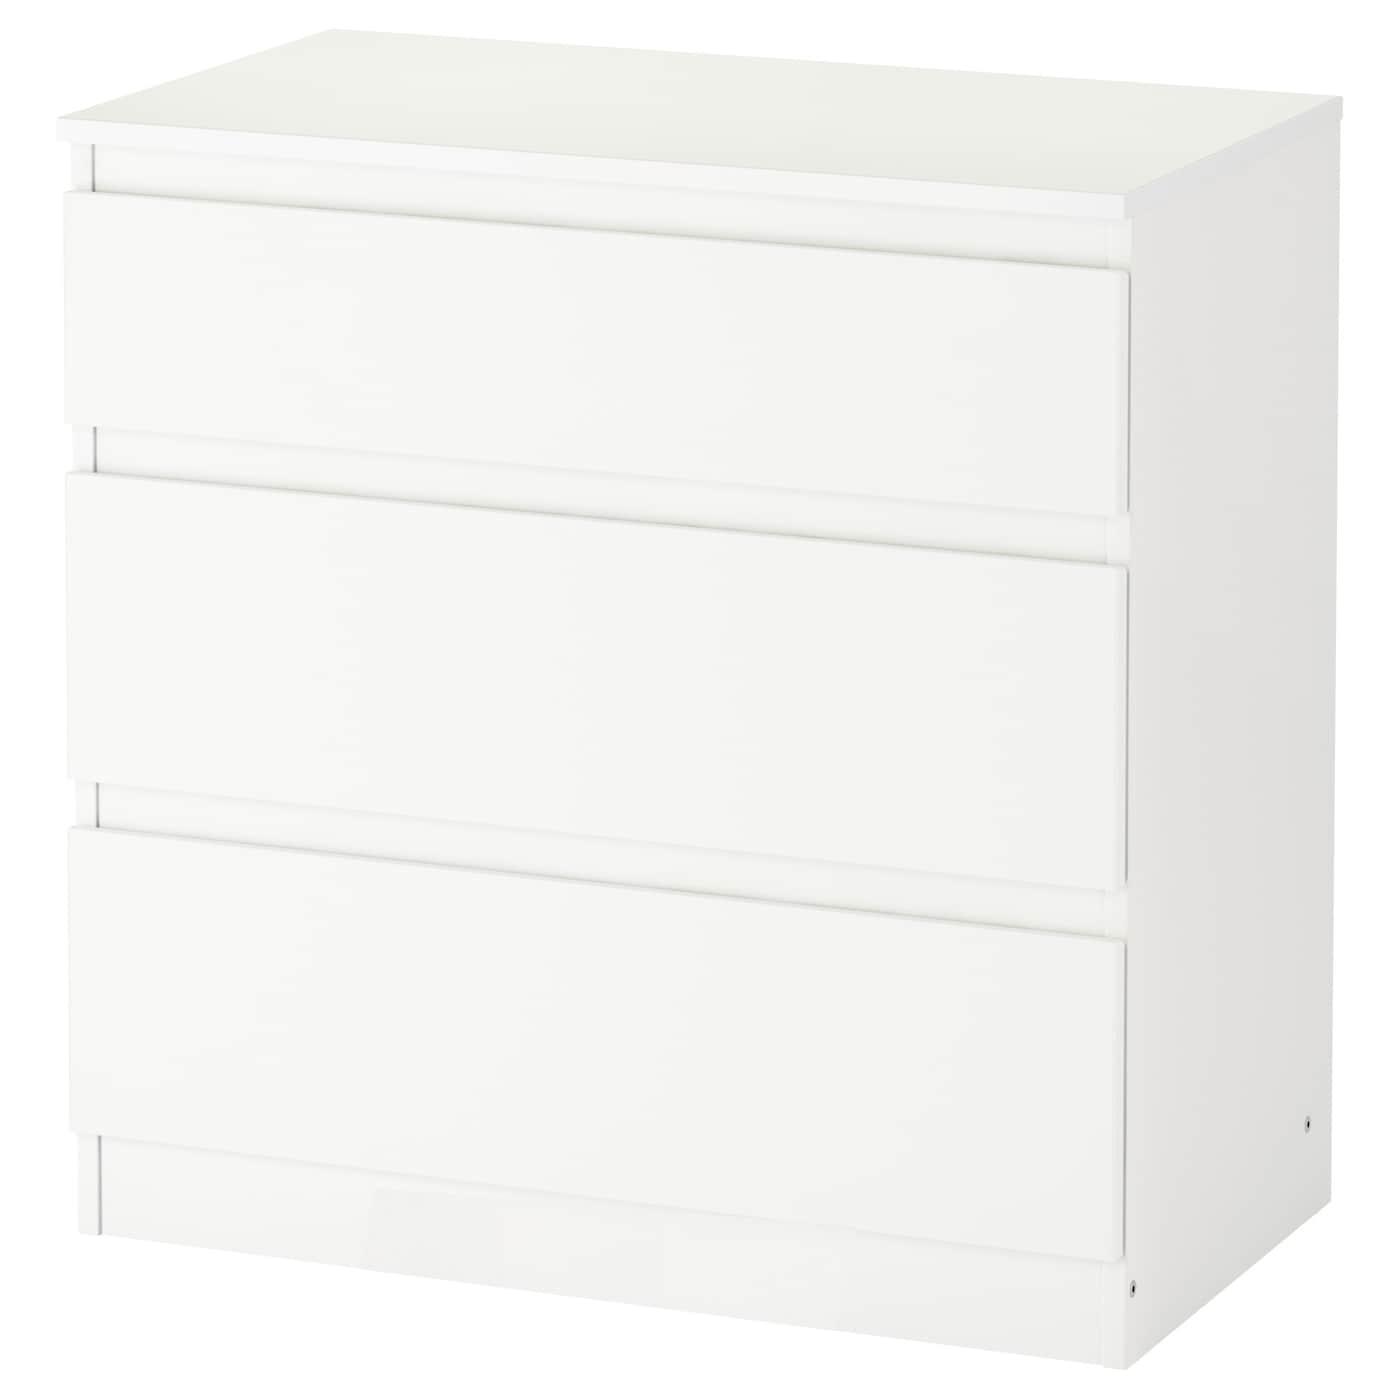 IKEA KULLEN Komoda, 3 szuflady, biały, 70x72 cm